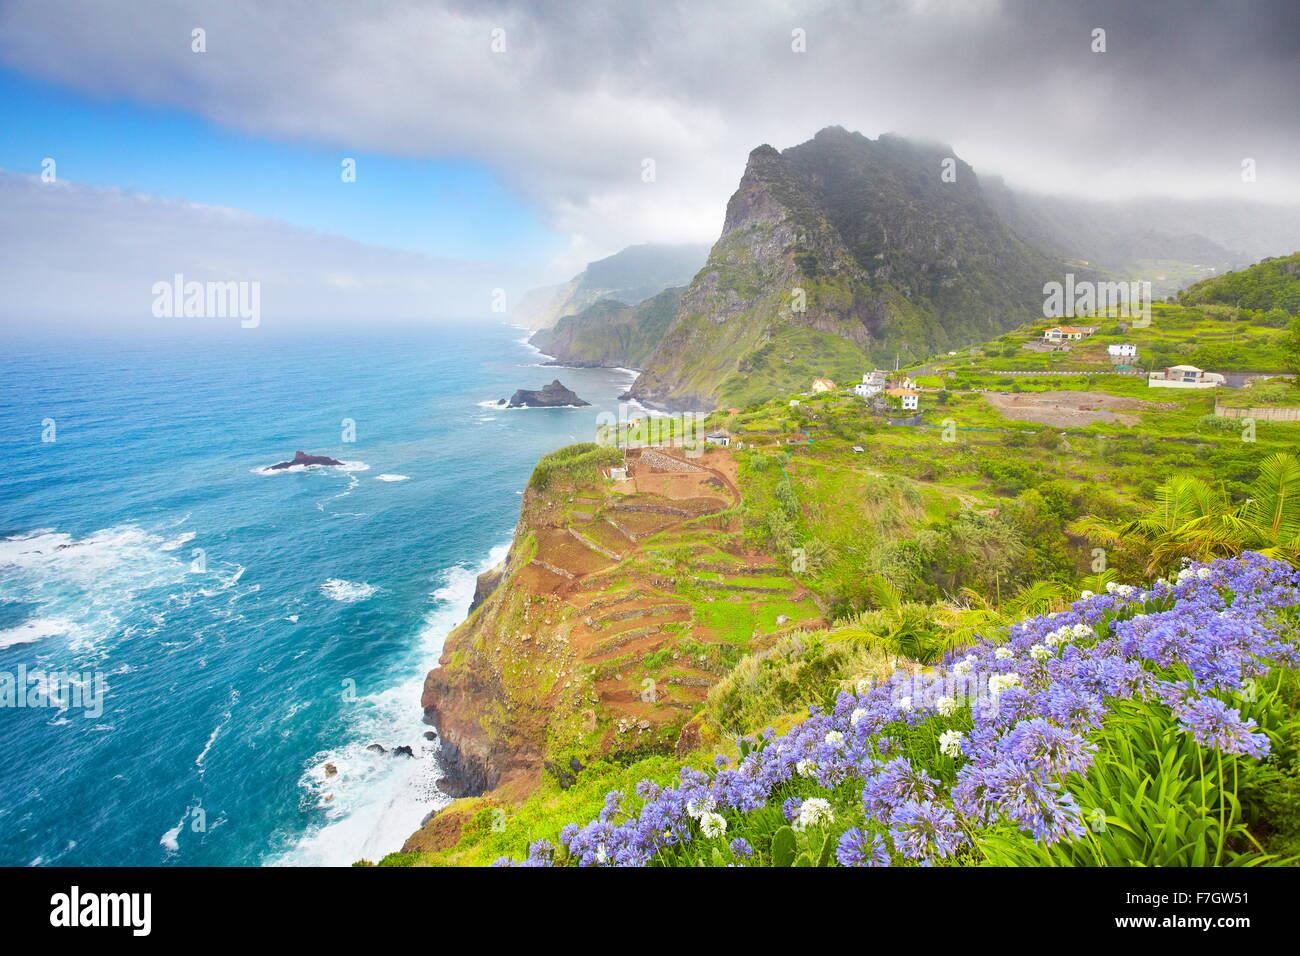 Madeira - Paisaje acantilado de costa cerca de Ponta Delgada, Madeira, Portugal Foto de stock